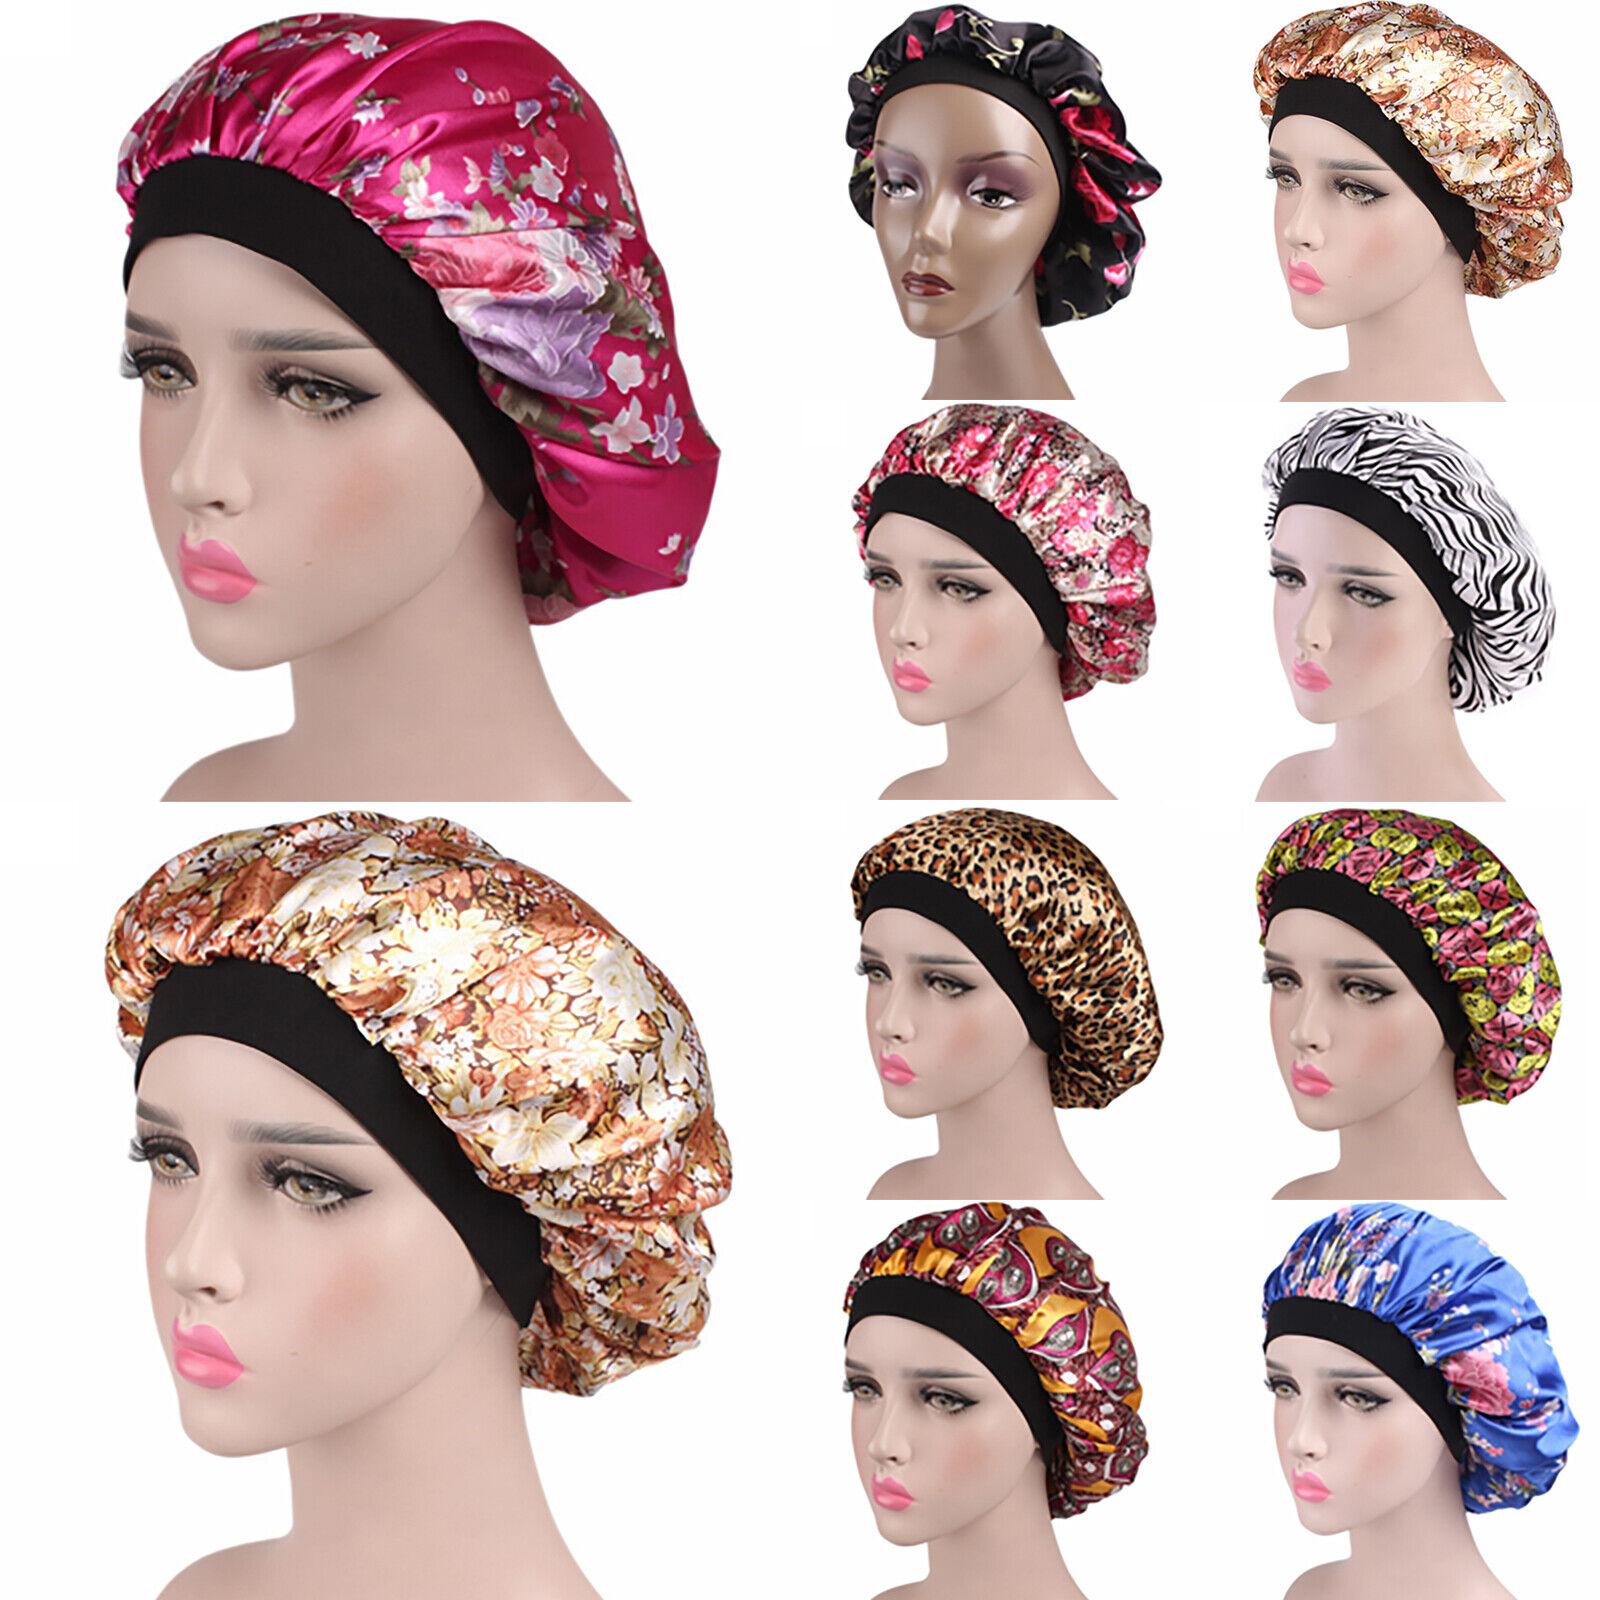 ! nuevo! Gorra de dormir de noche De Satén Fizzy Hair Care Bonnet dormir sombreros Cabeza Cubierta envolvente